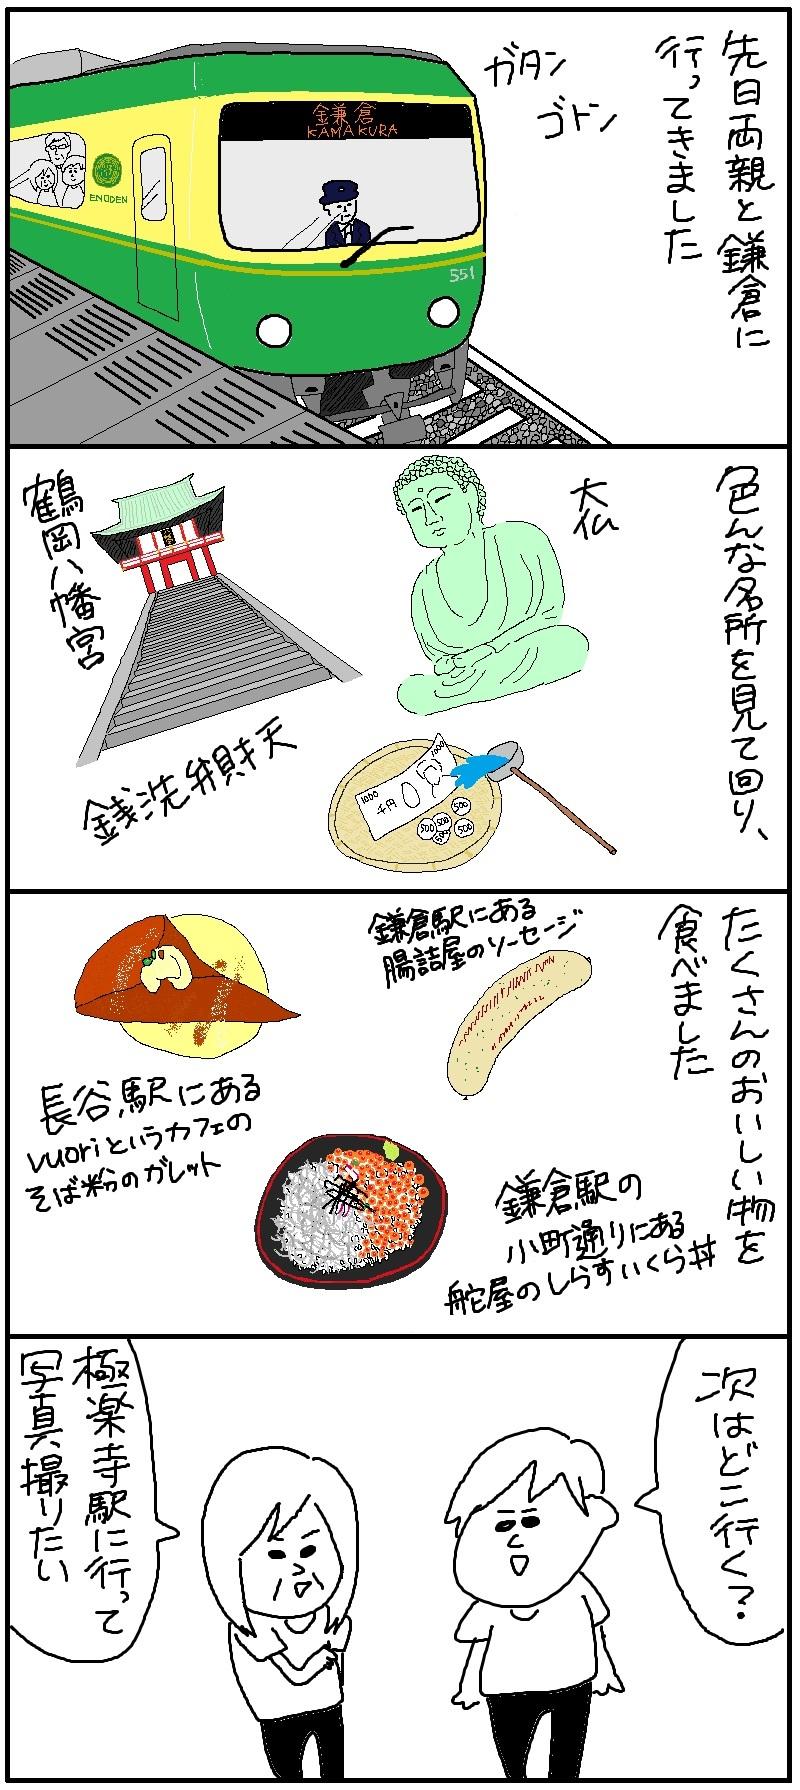 鎌倉の話_f0346353_15385187.jpg